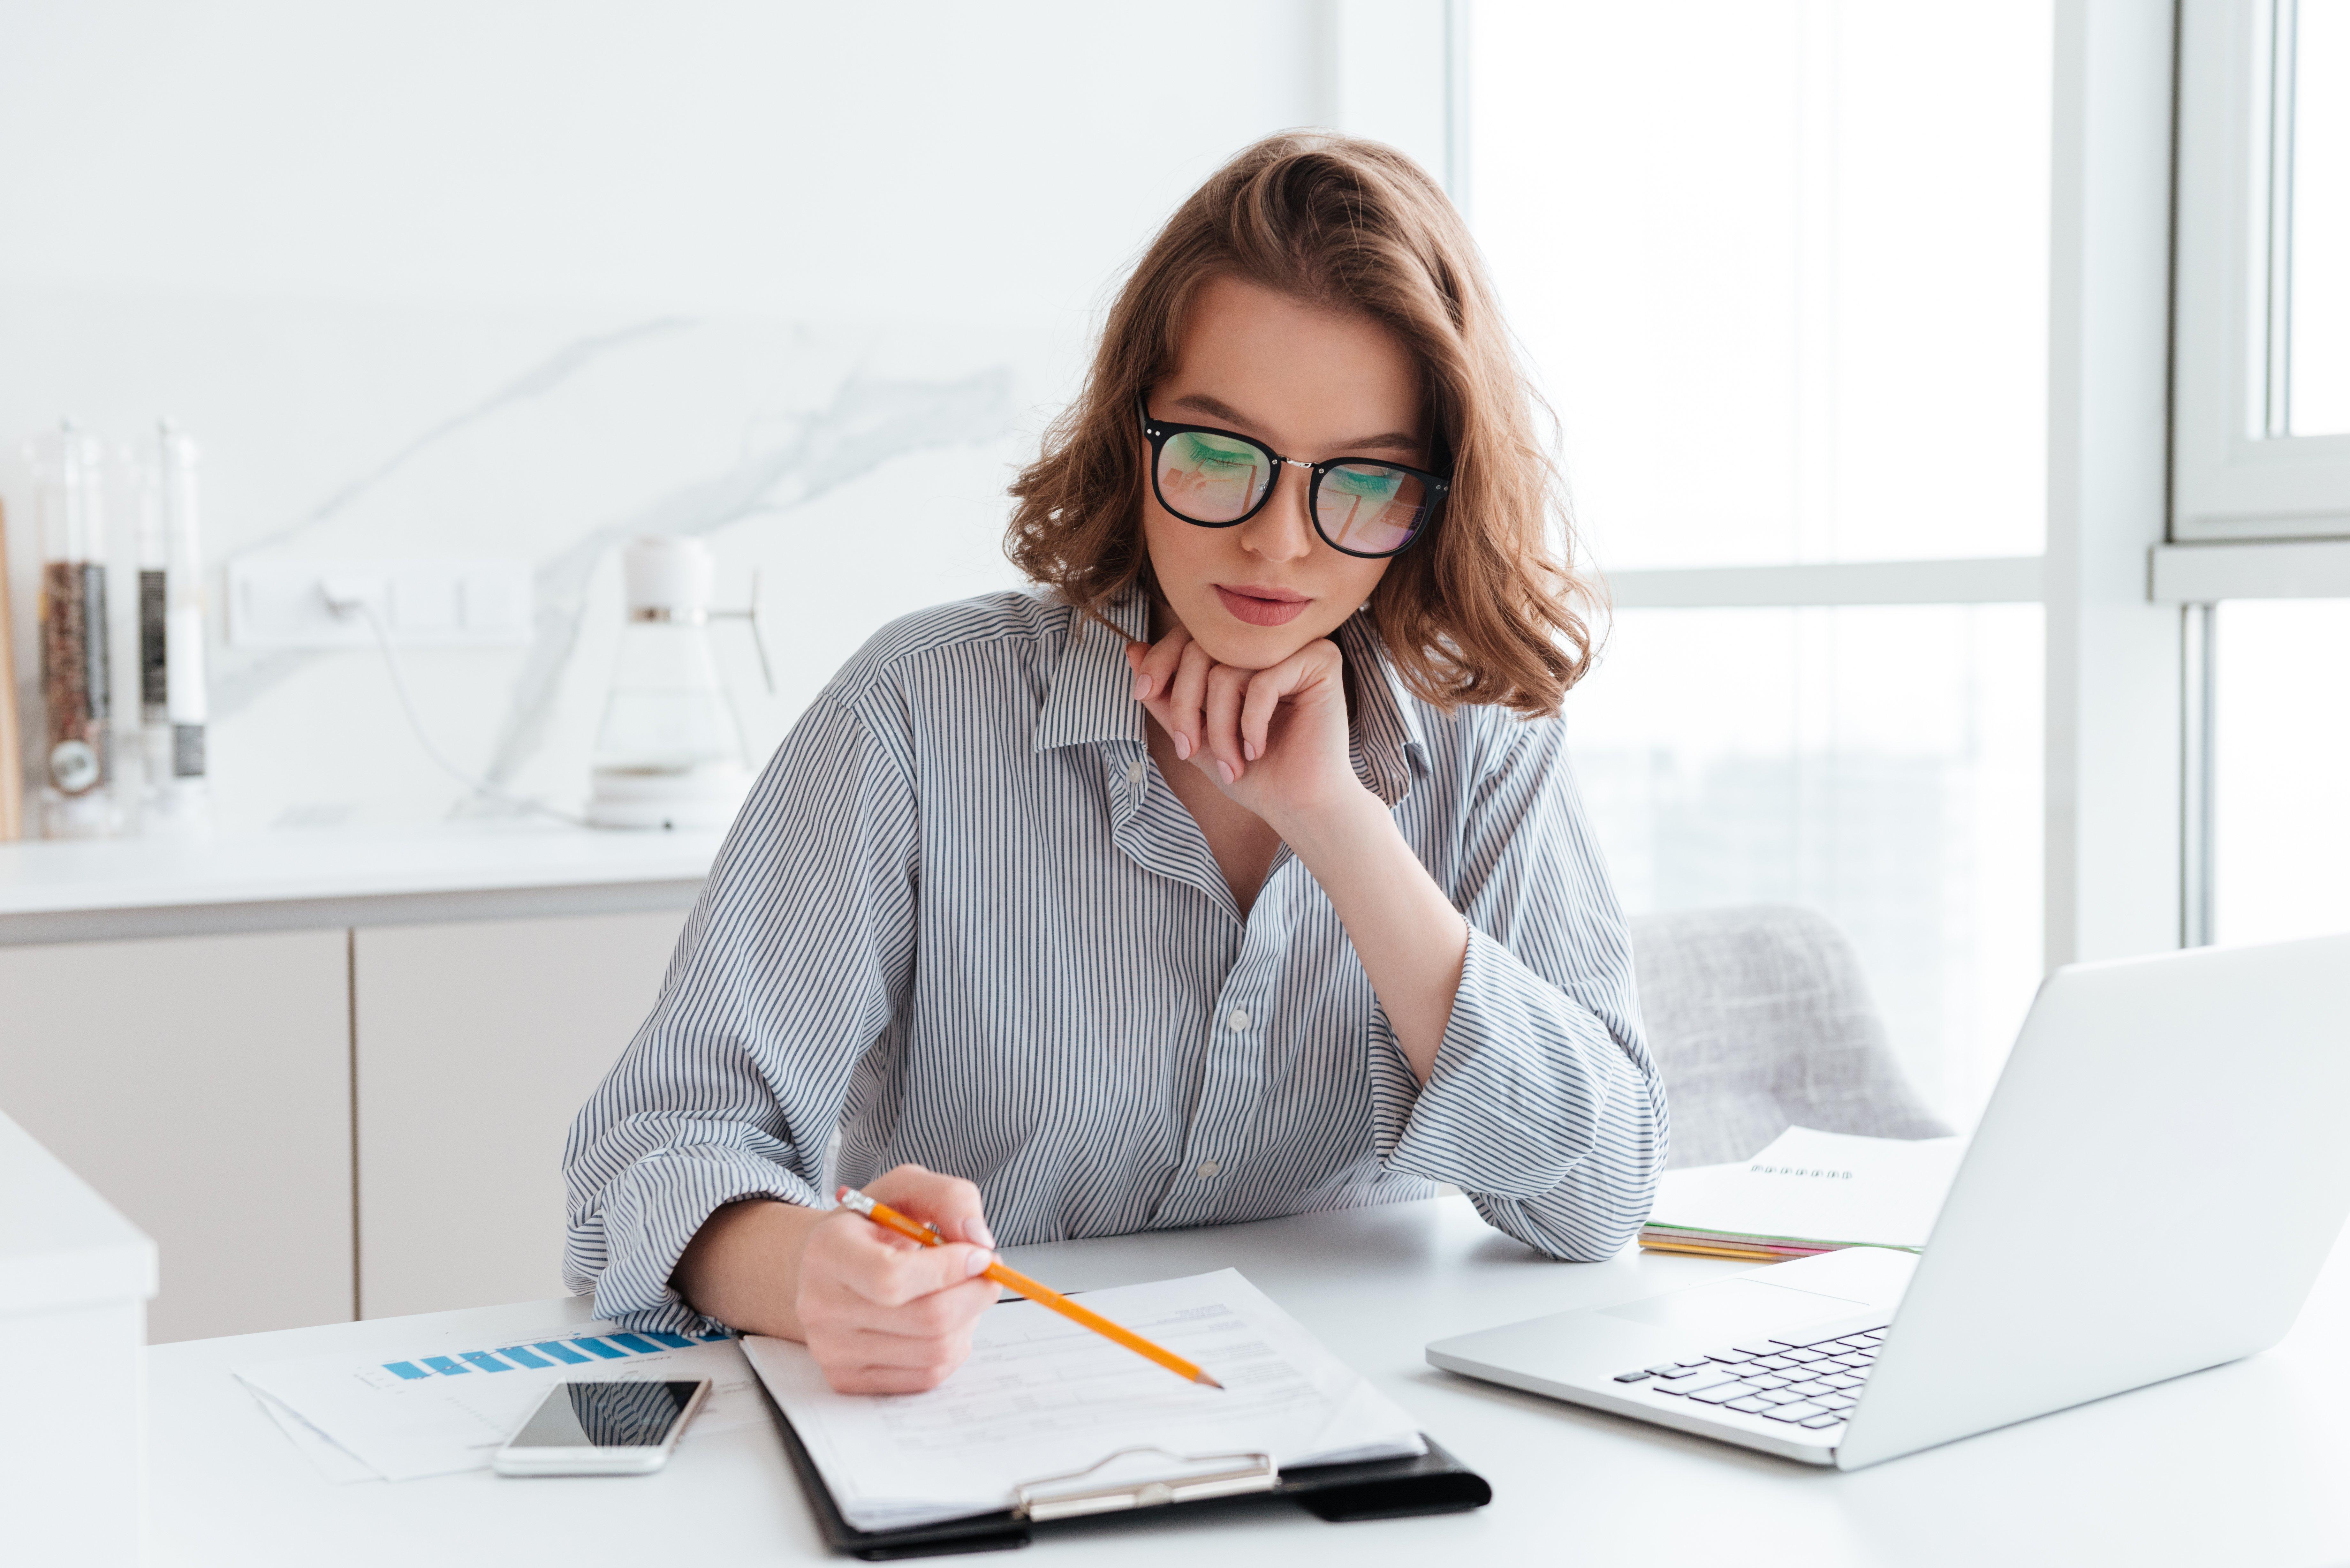 Mujer concentrada estudiando sobre la reputación en Mercado Libre